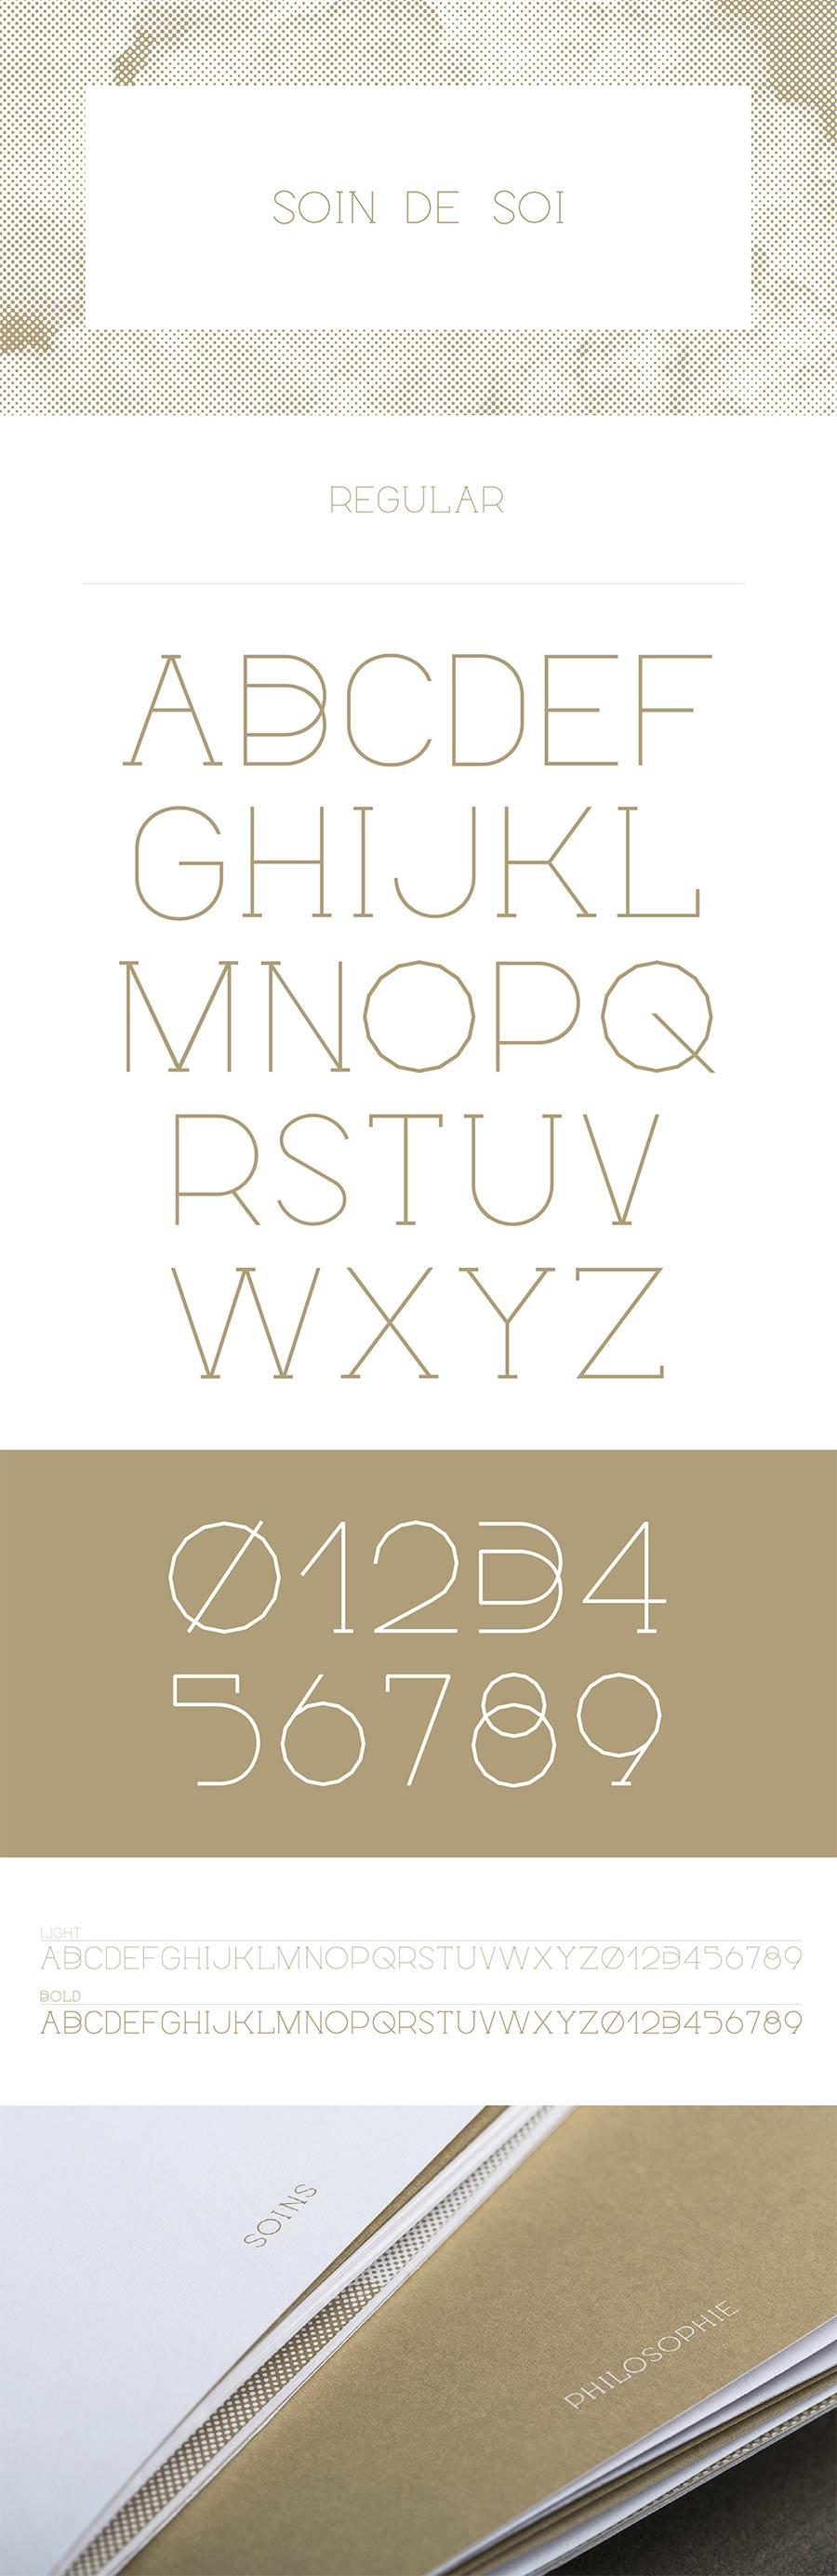 Soin de Soi typography